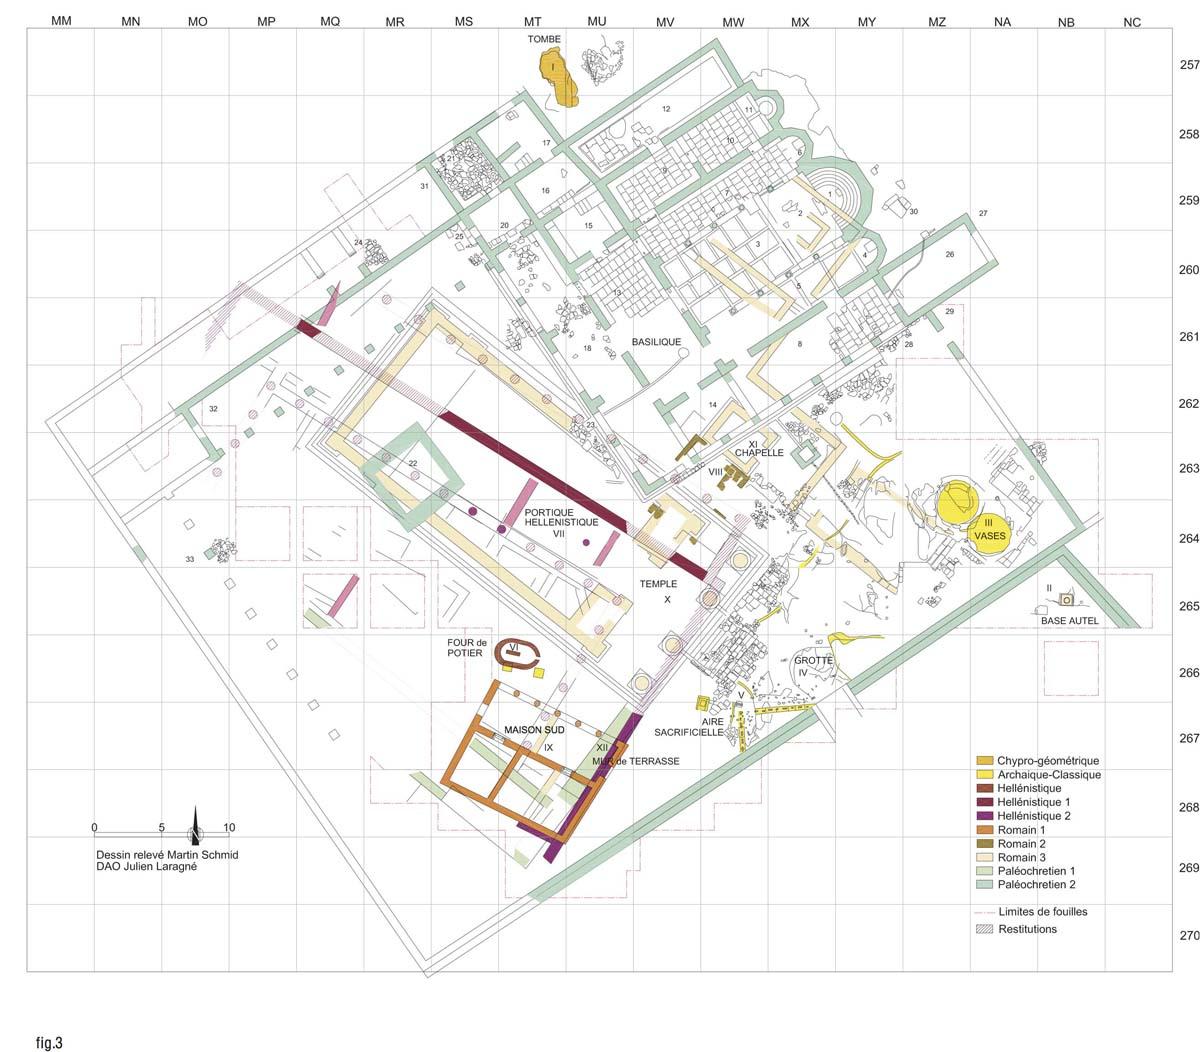 Plan du sanctuaire (M. Schmid, J. Laragné / Archives EFA, 42009)